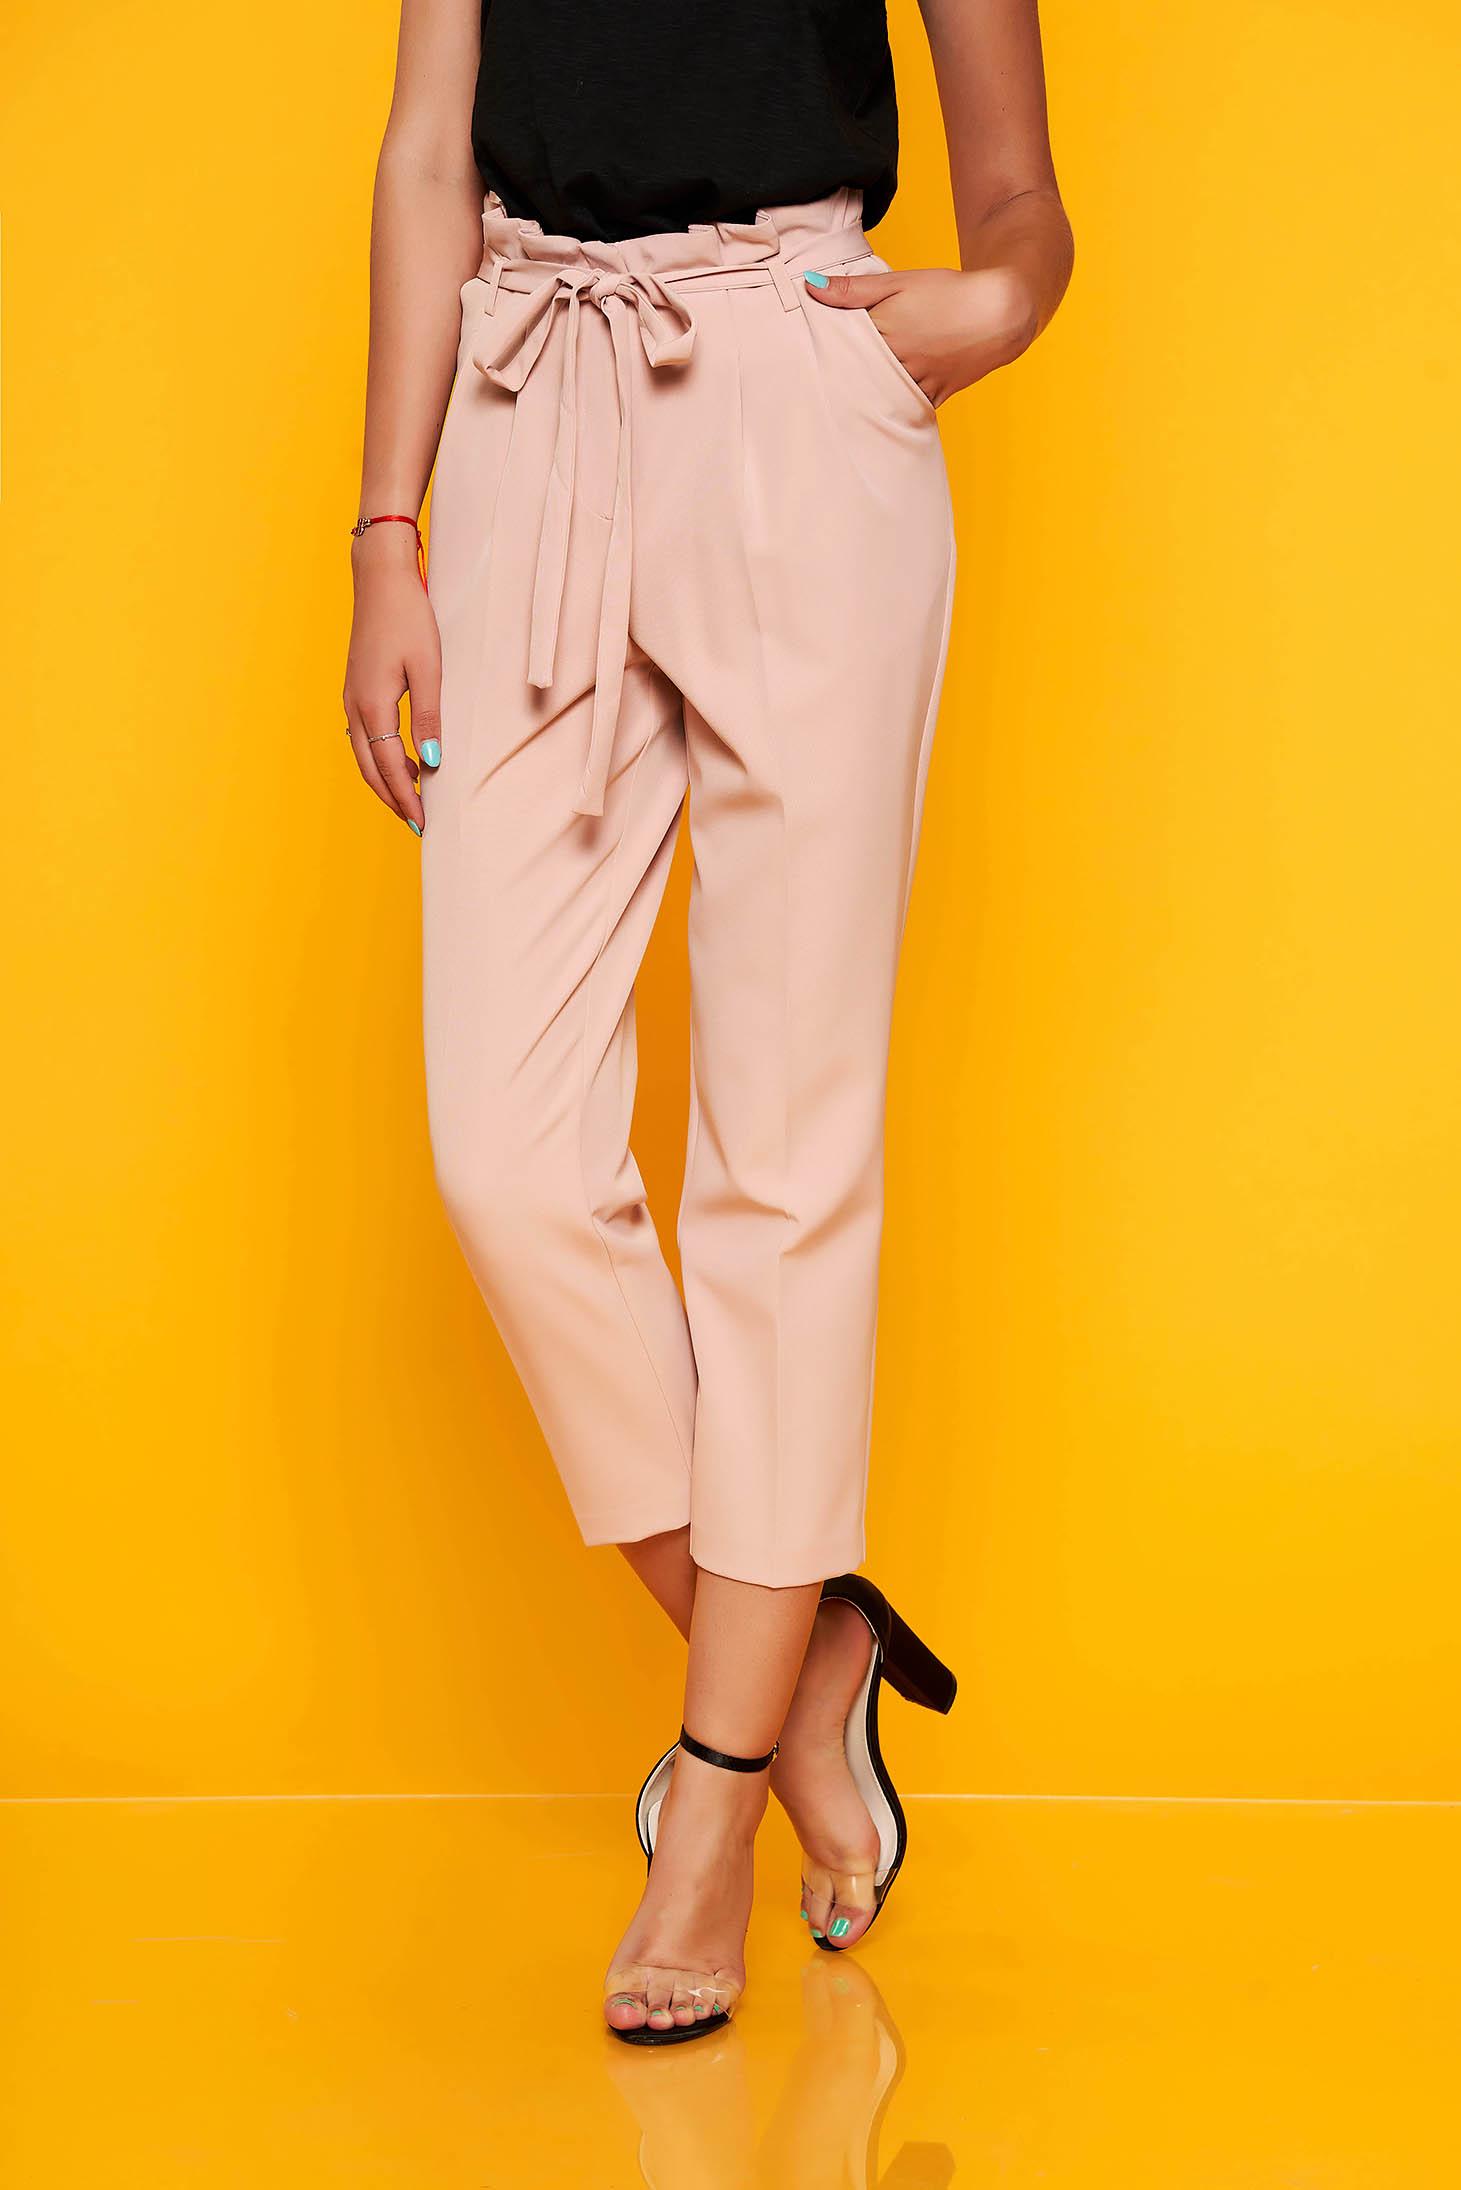 Világos rózsaszín nadrág elegáns szövettel magas derekú eltávolítható öv zsebekkel